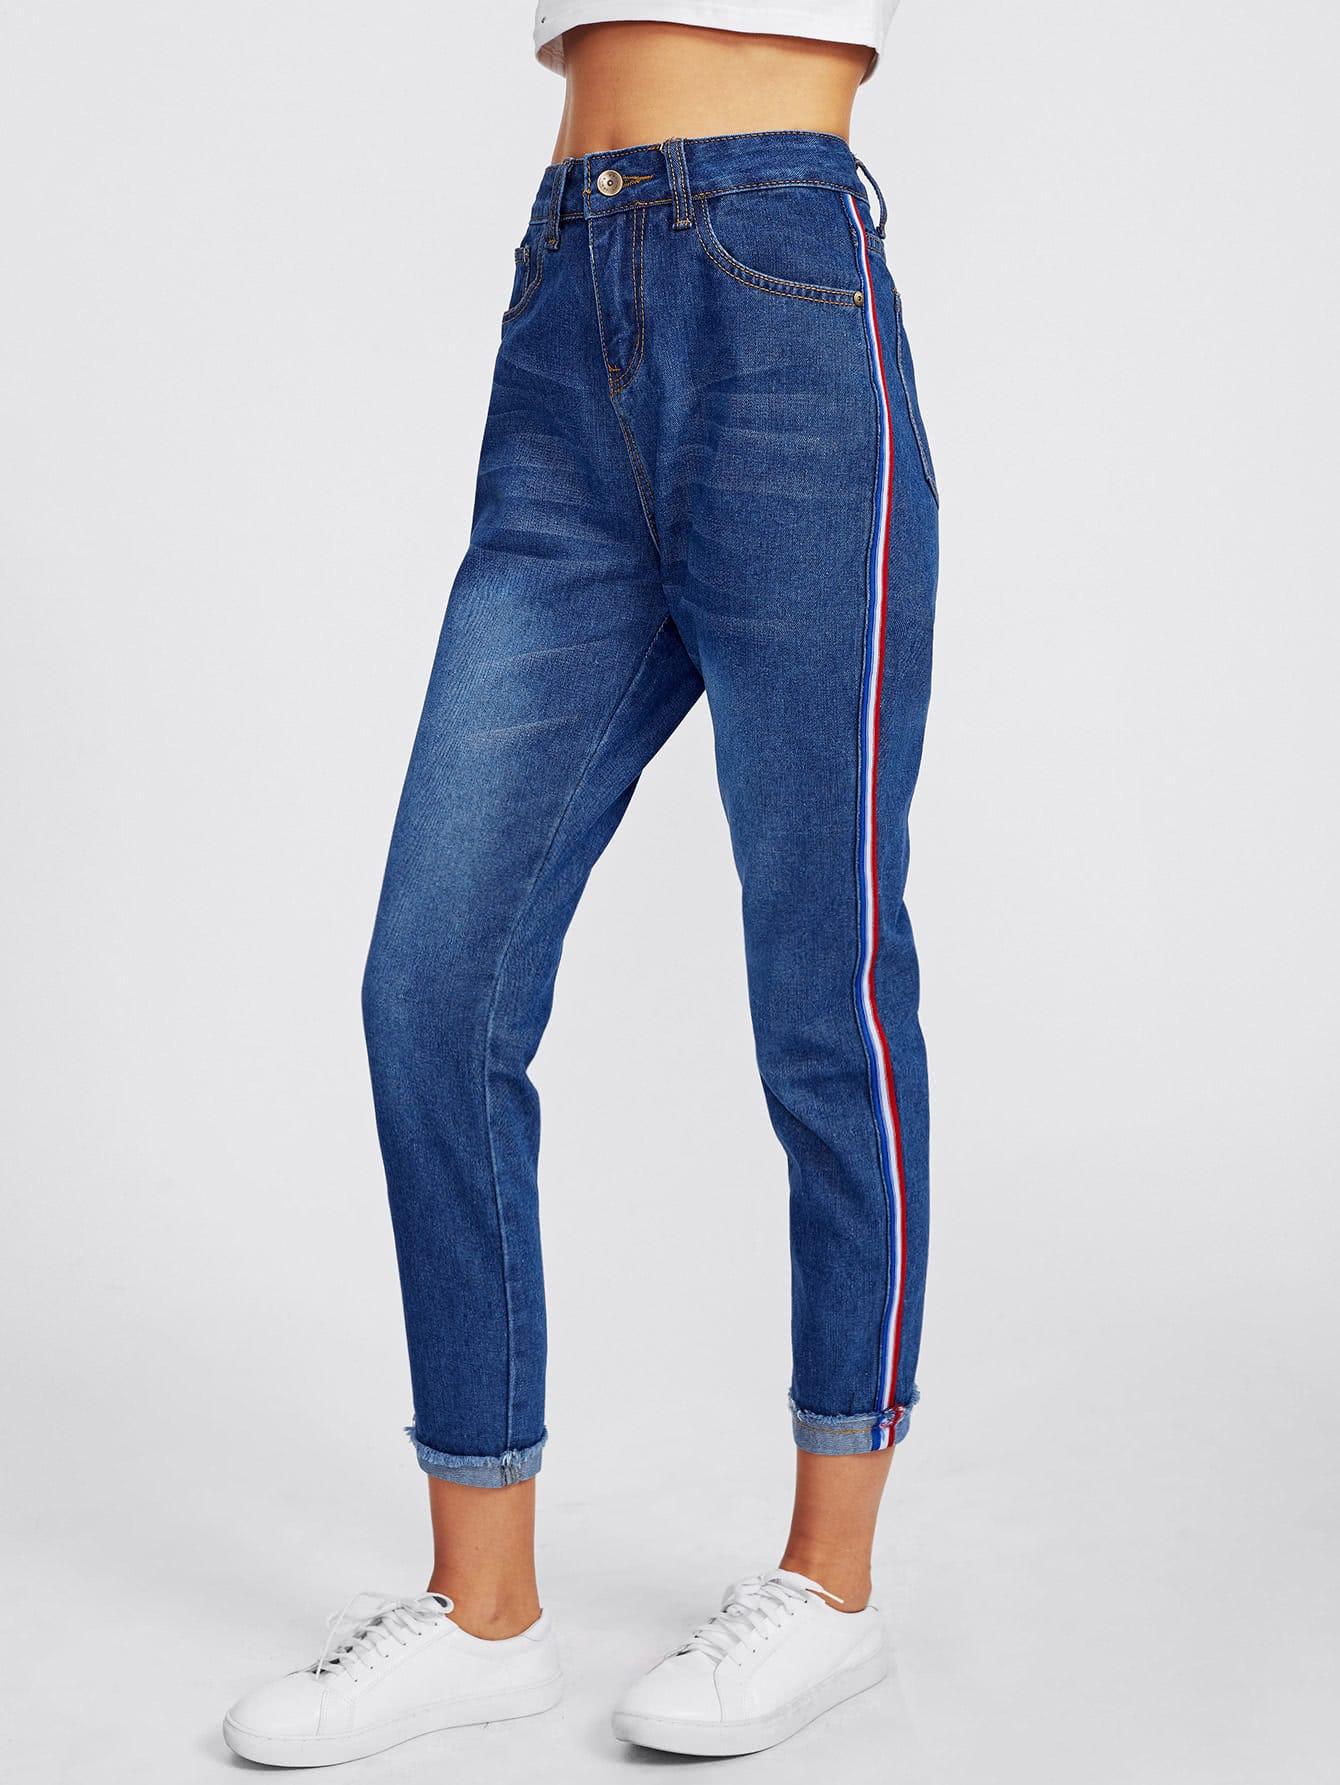 Contrast Side Striped Rolled Frayed Hem Jeans solid rolled hem pants